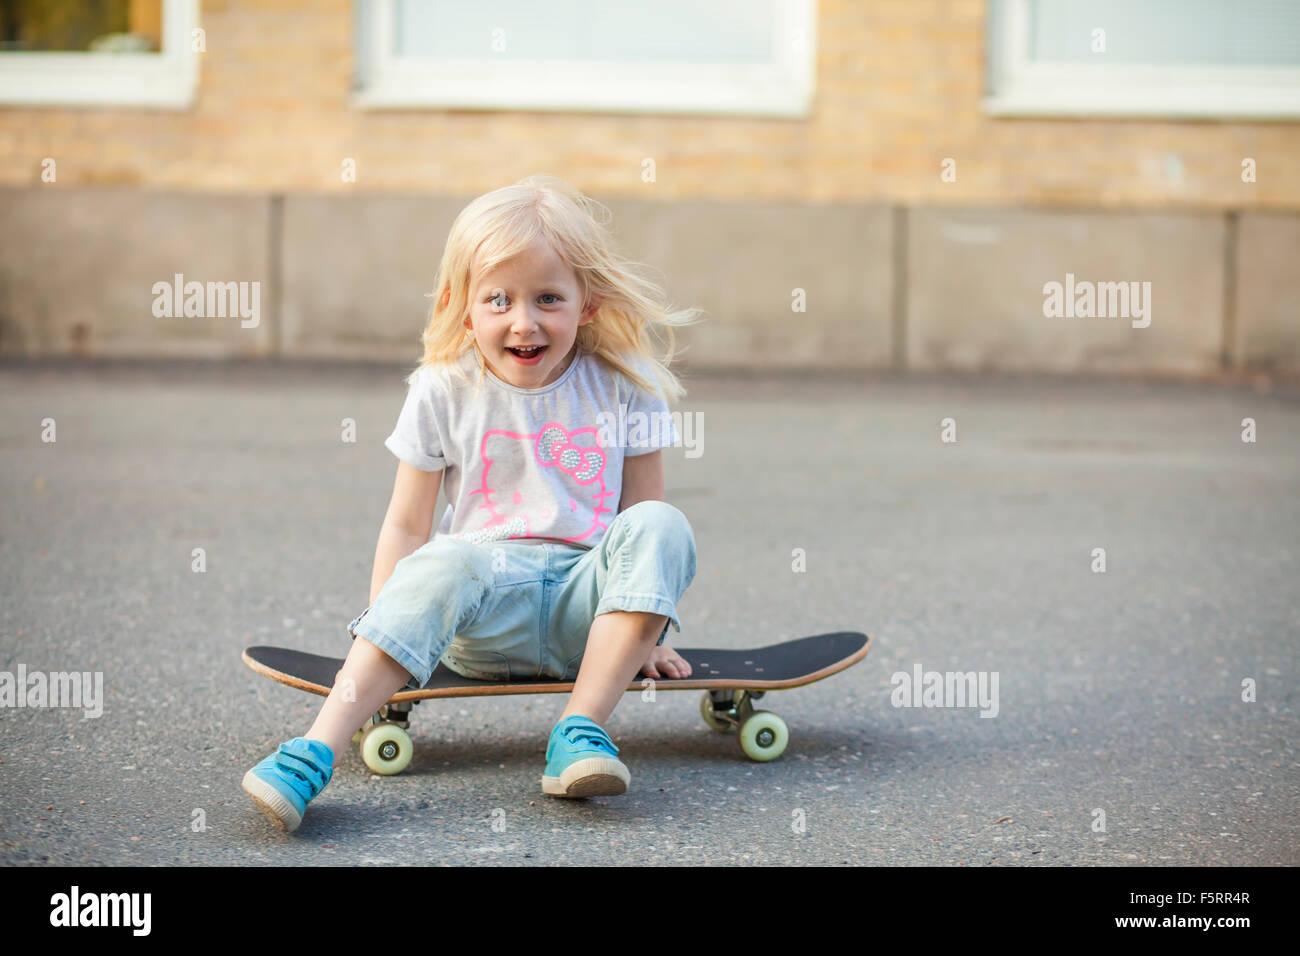 Sweden, Vastergotland, Lerum, Girl (6-7) sitting on skateboard - Stock Image